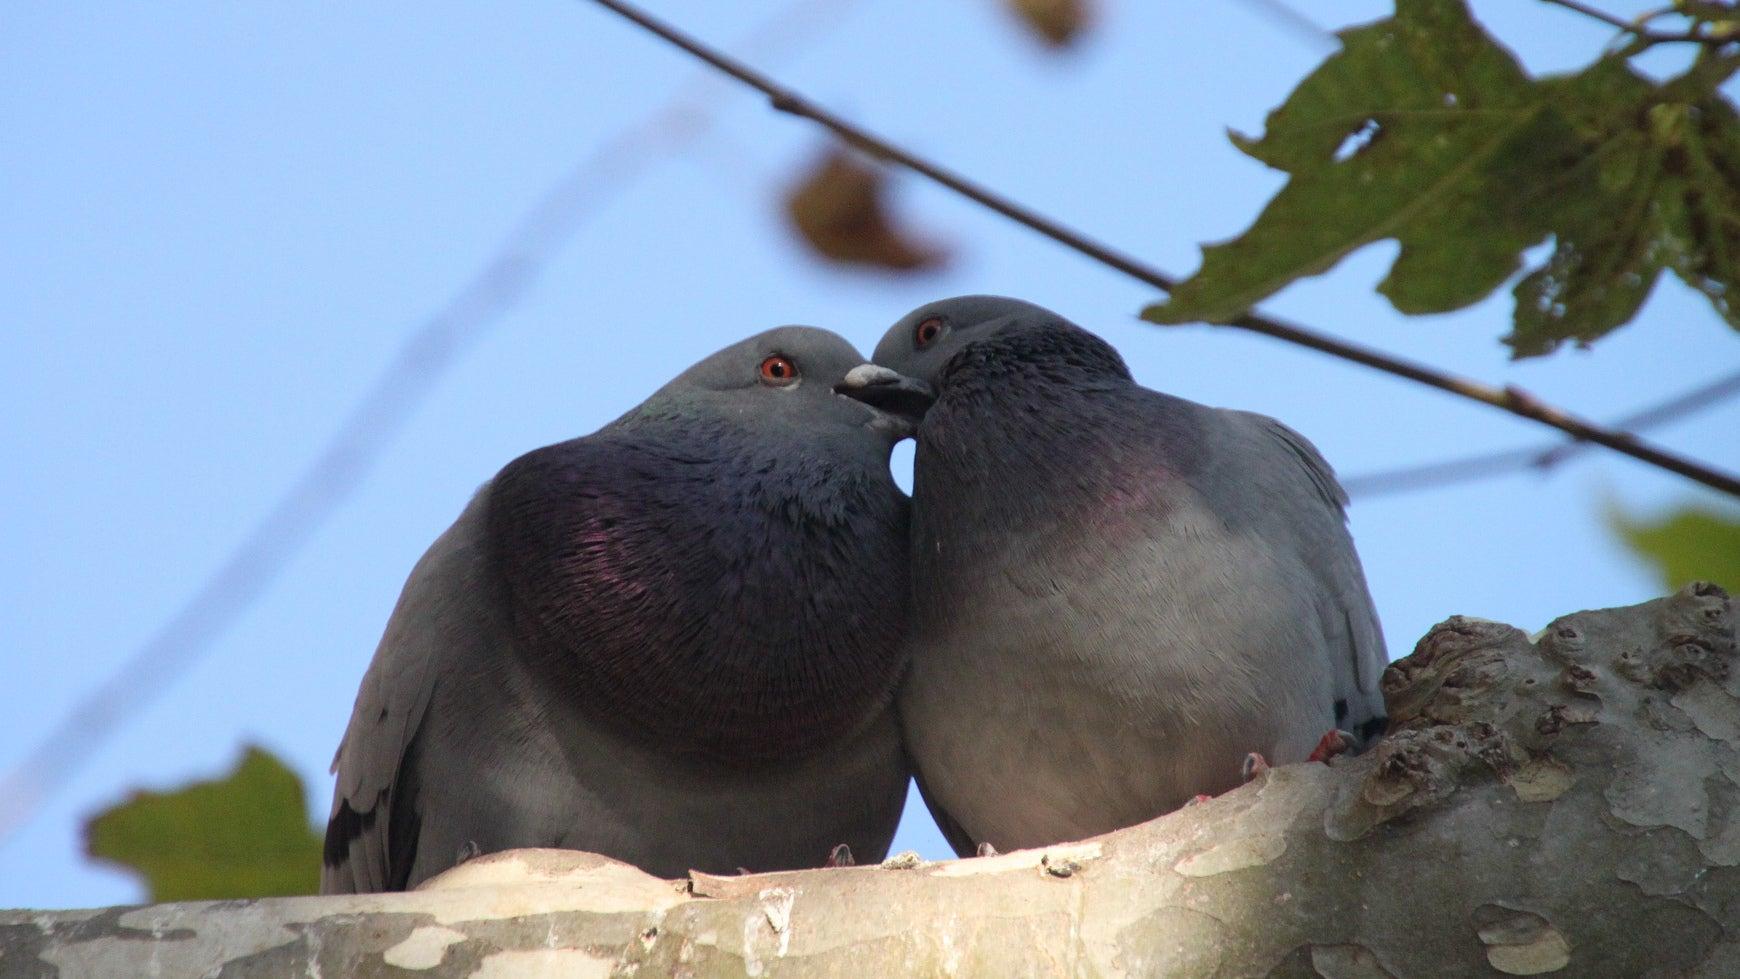 Monogamous Species Share Deep Genetic Similarities